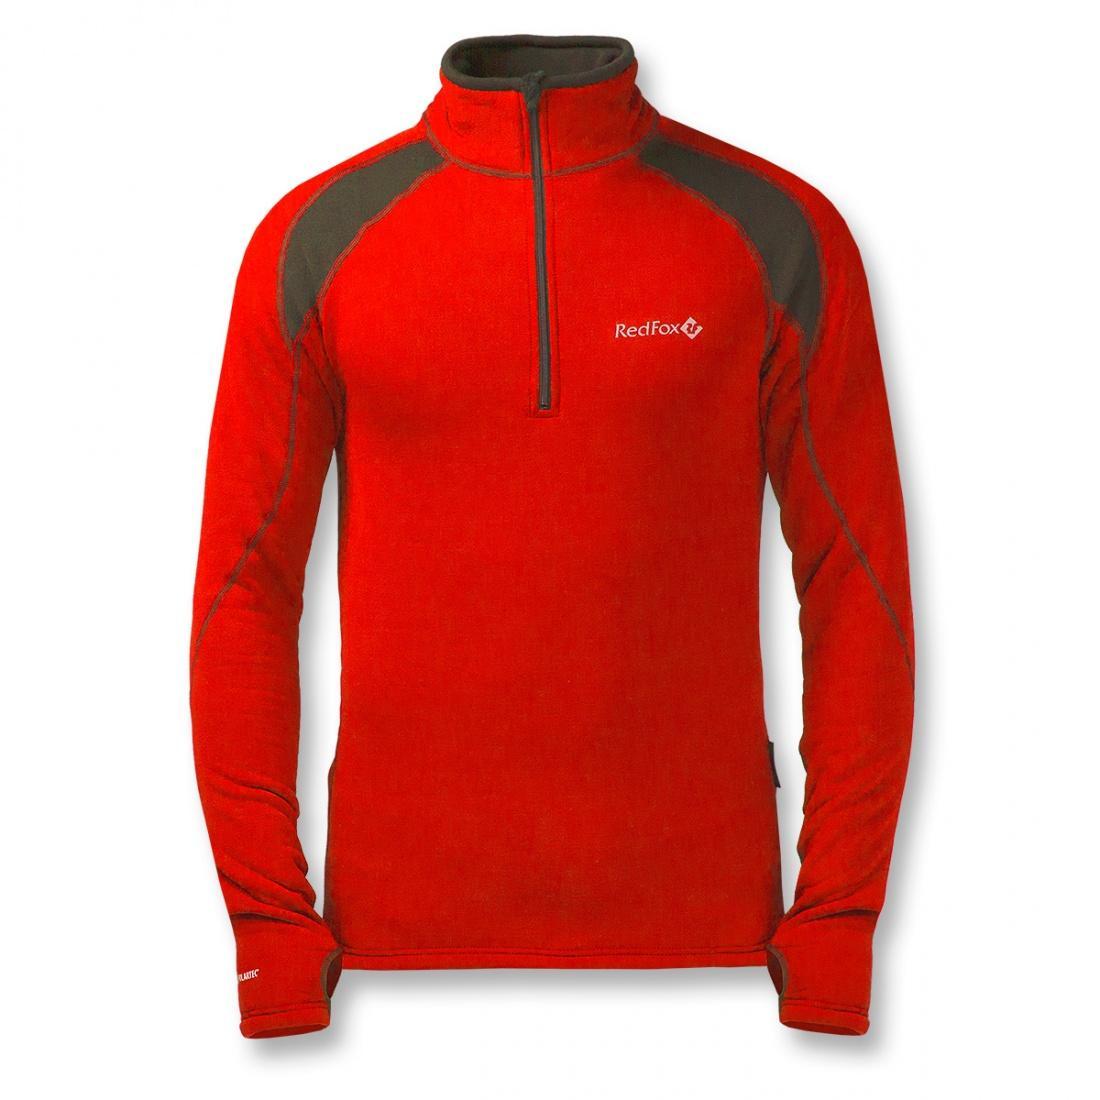 Термобелье пуловер Penguin Power Stretch MФутболки<br>Мужской пуловер. Предназначен для использования в качестве нижнего слоя в суровых погодных условиях.<br>Благодаря использованию материала Polartec® Power Stretch® Pro пуловер не стесняет движений и создаёт благоприятный микроклимат для тела.<br> ...<br><br>Цвет: Красный<br>Размер: 56